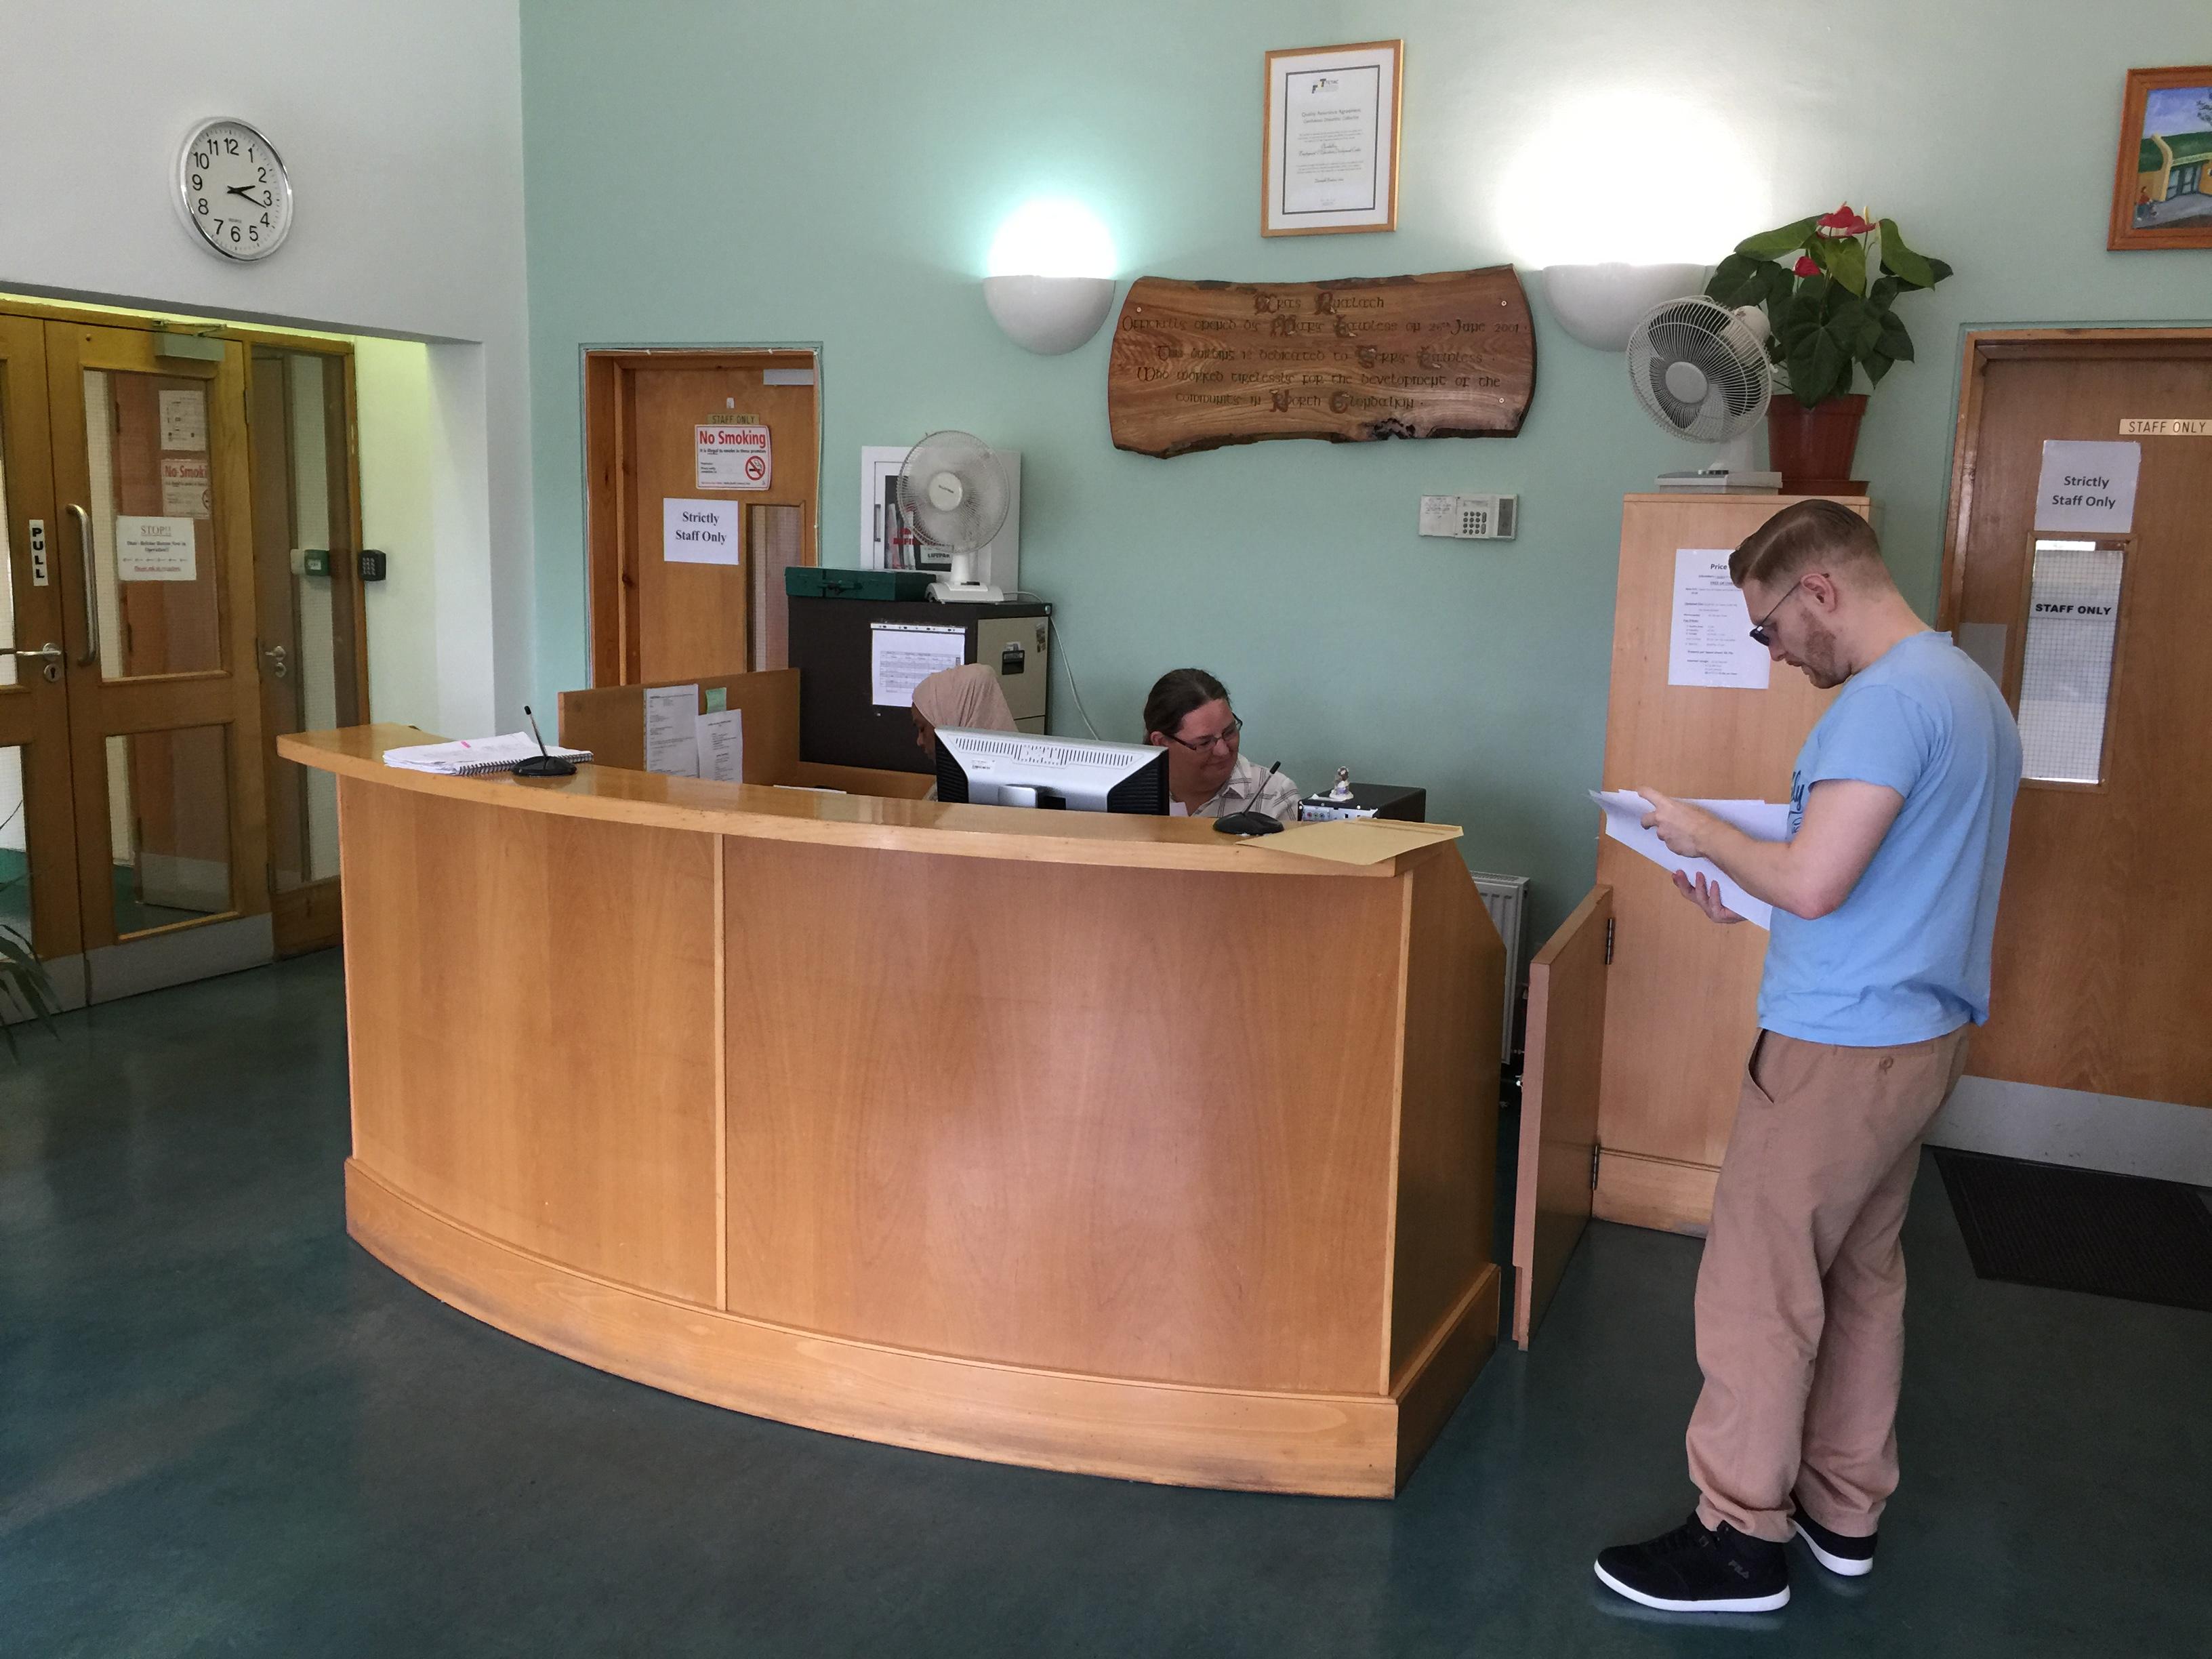 CEEDS Reception area